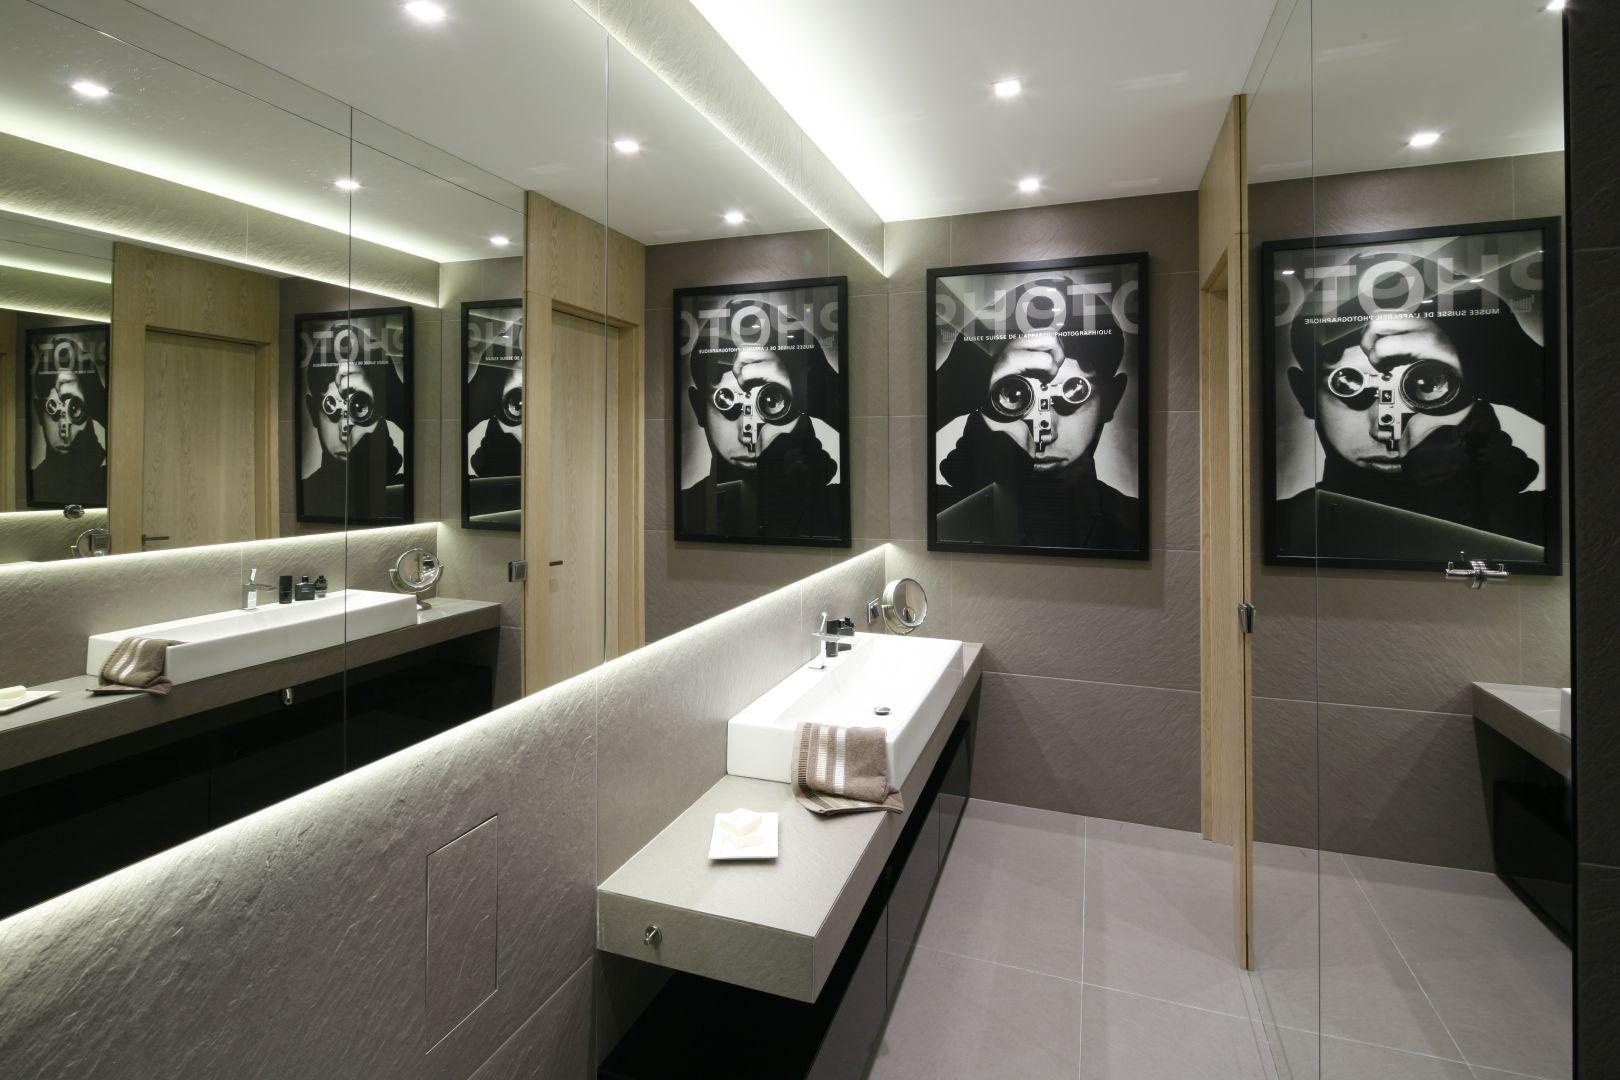 Pomysł na lustro w łazience. Proj. Małgorzata Muc, Joanna Scott. Fot. Bartosz Jarosz